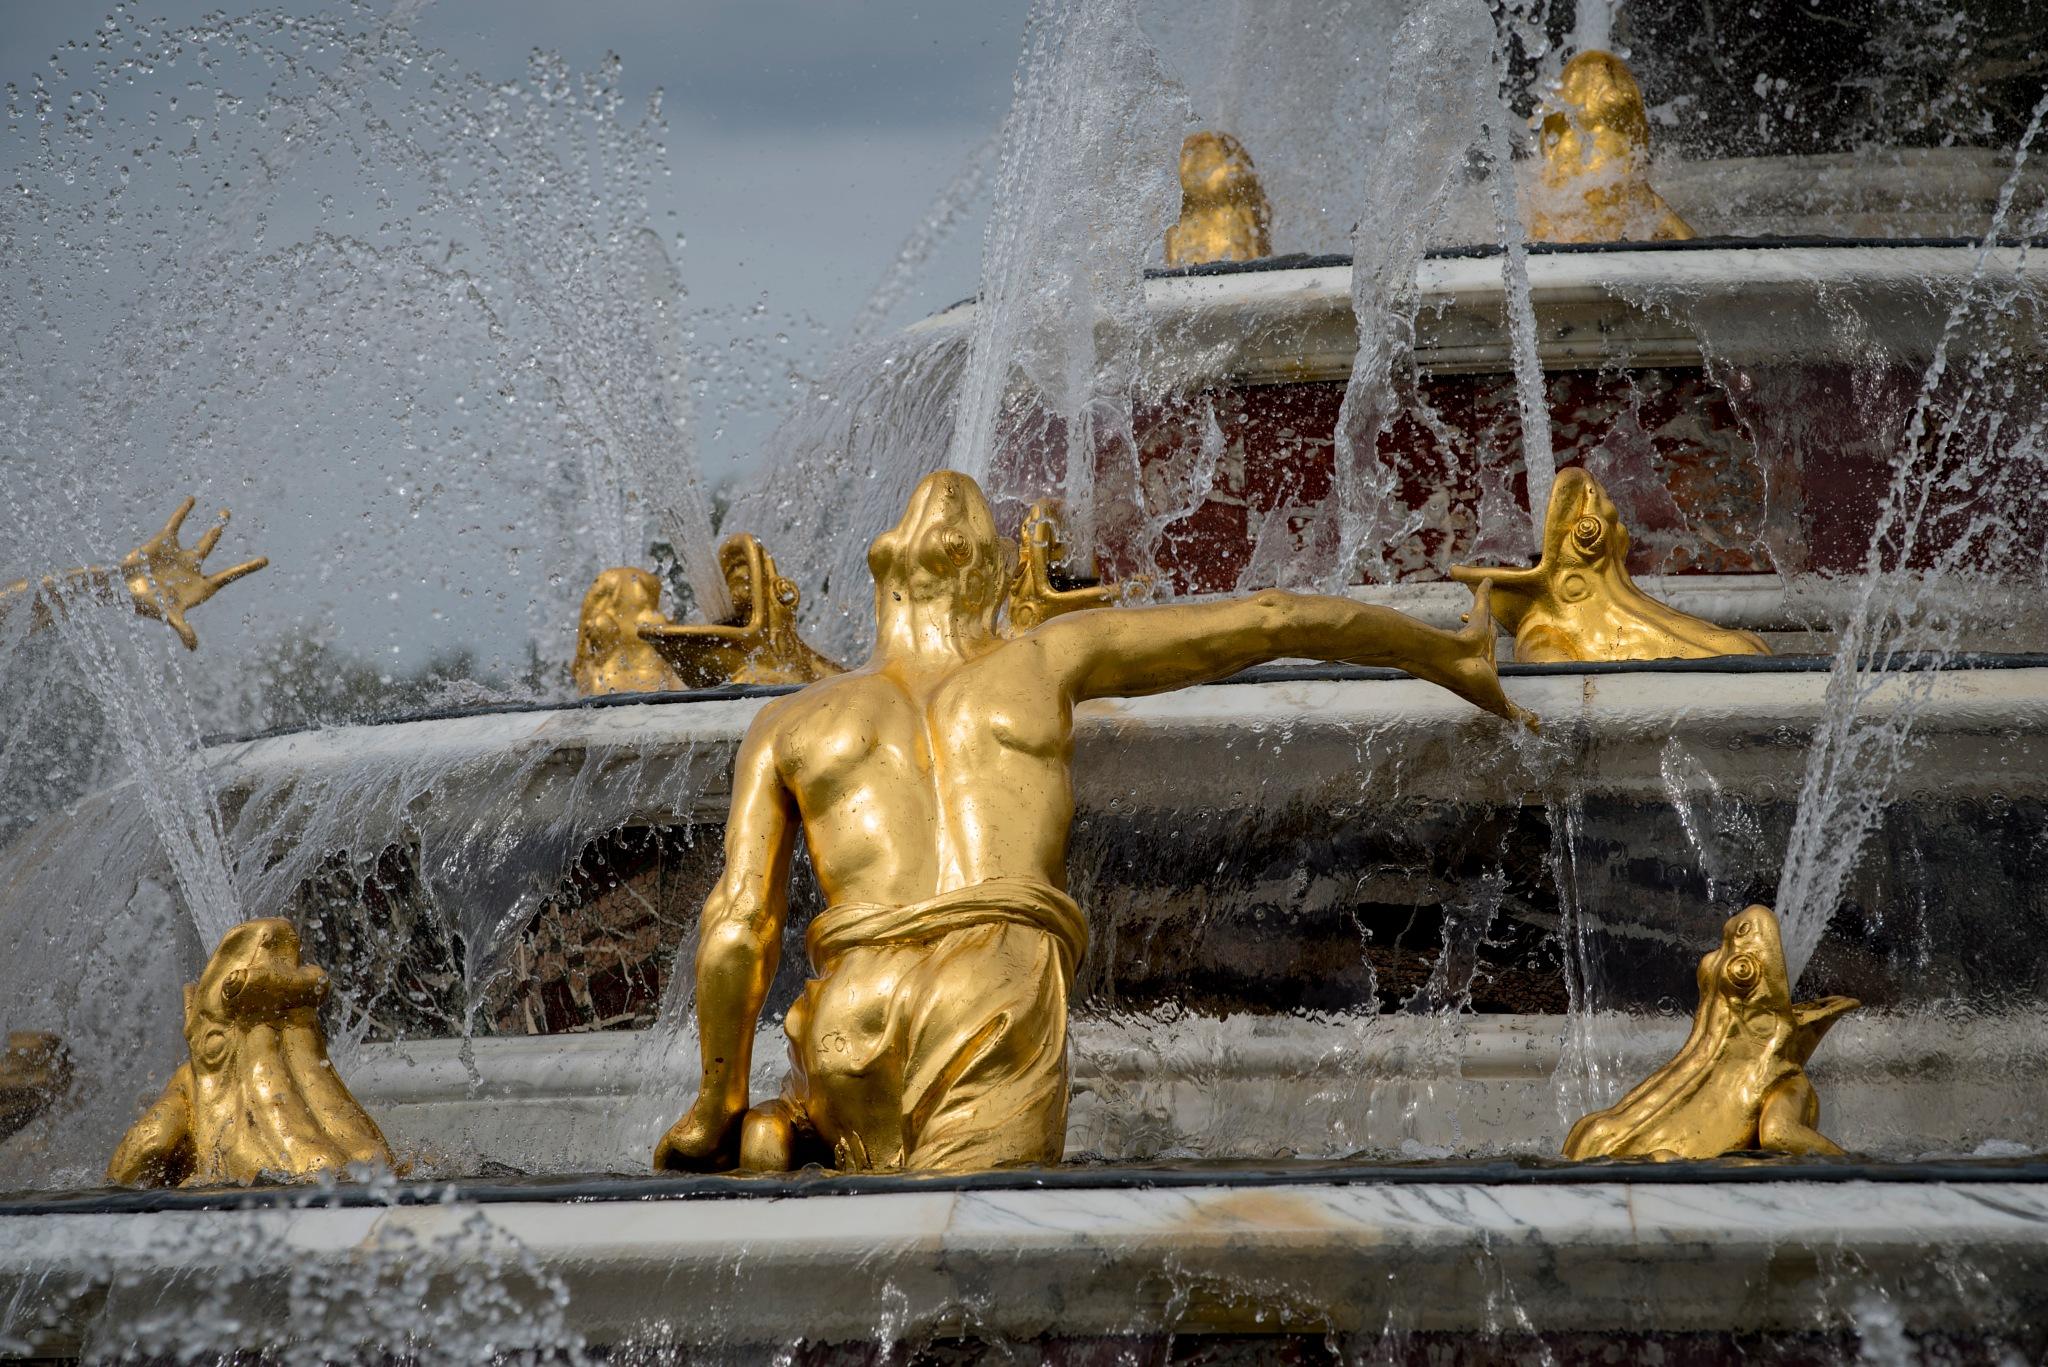 The Latona Fountain by harald bjørgvin